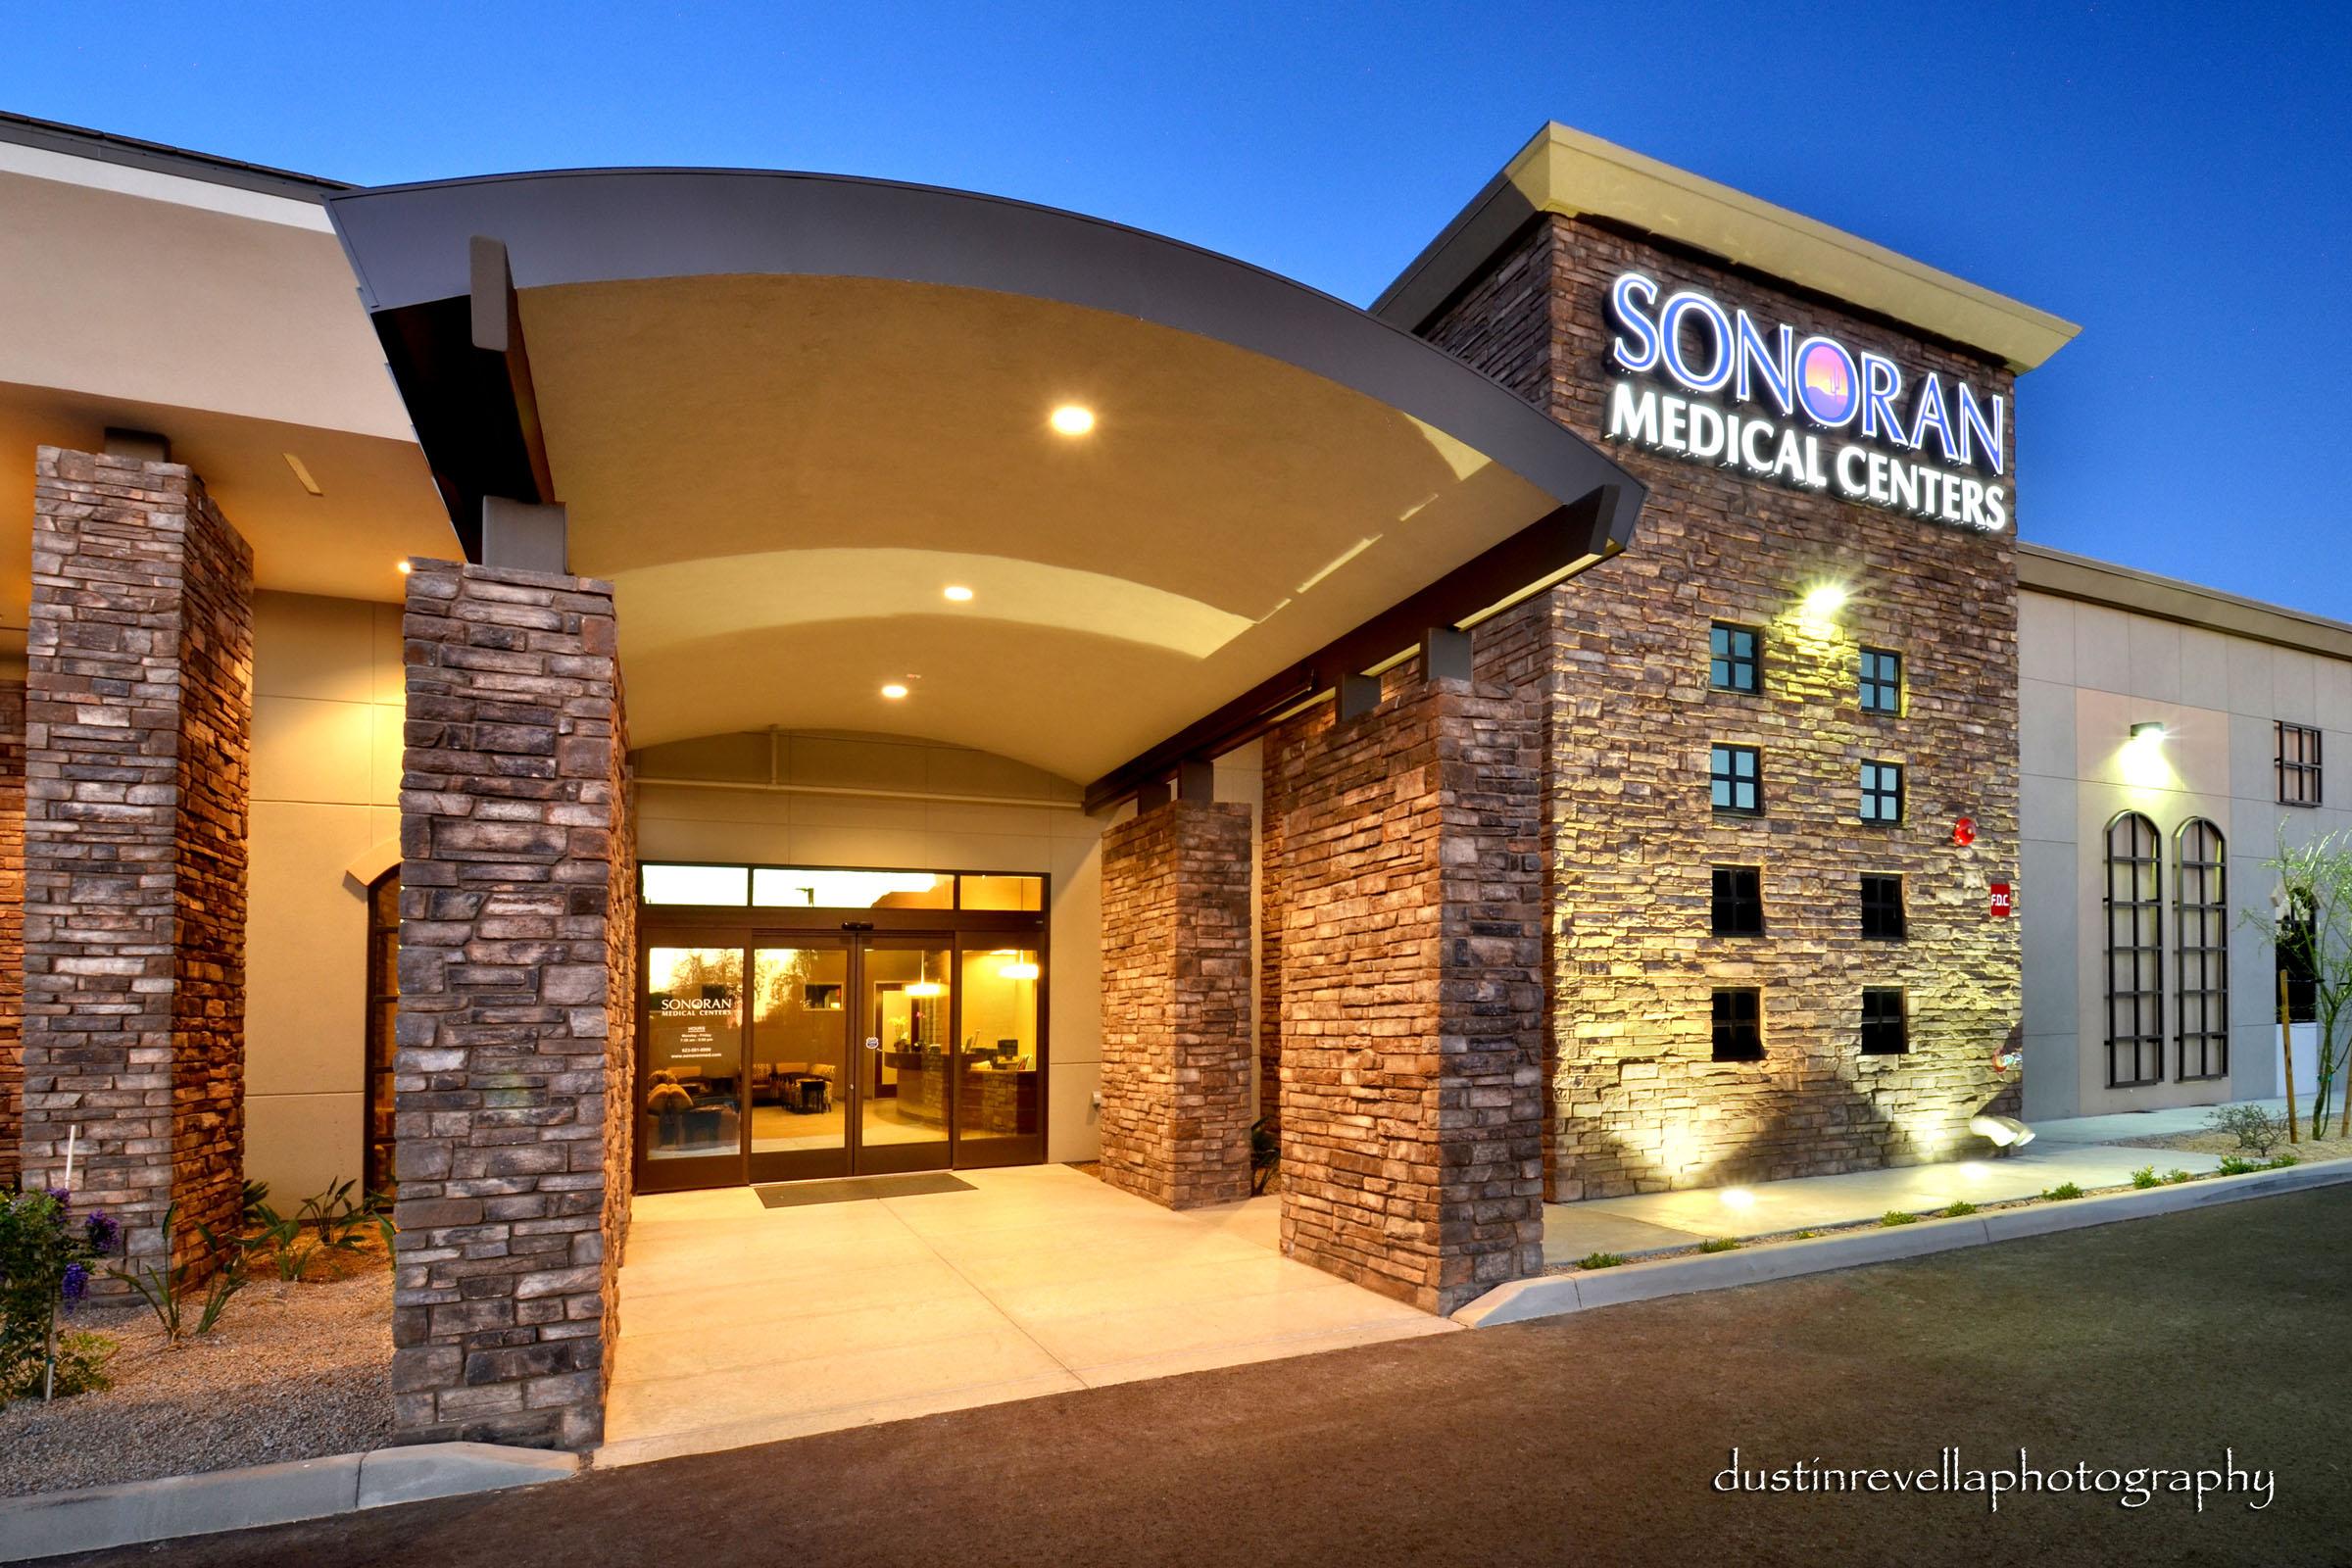 Sonoran Medical